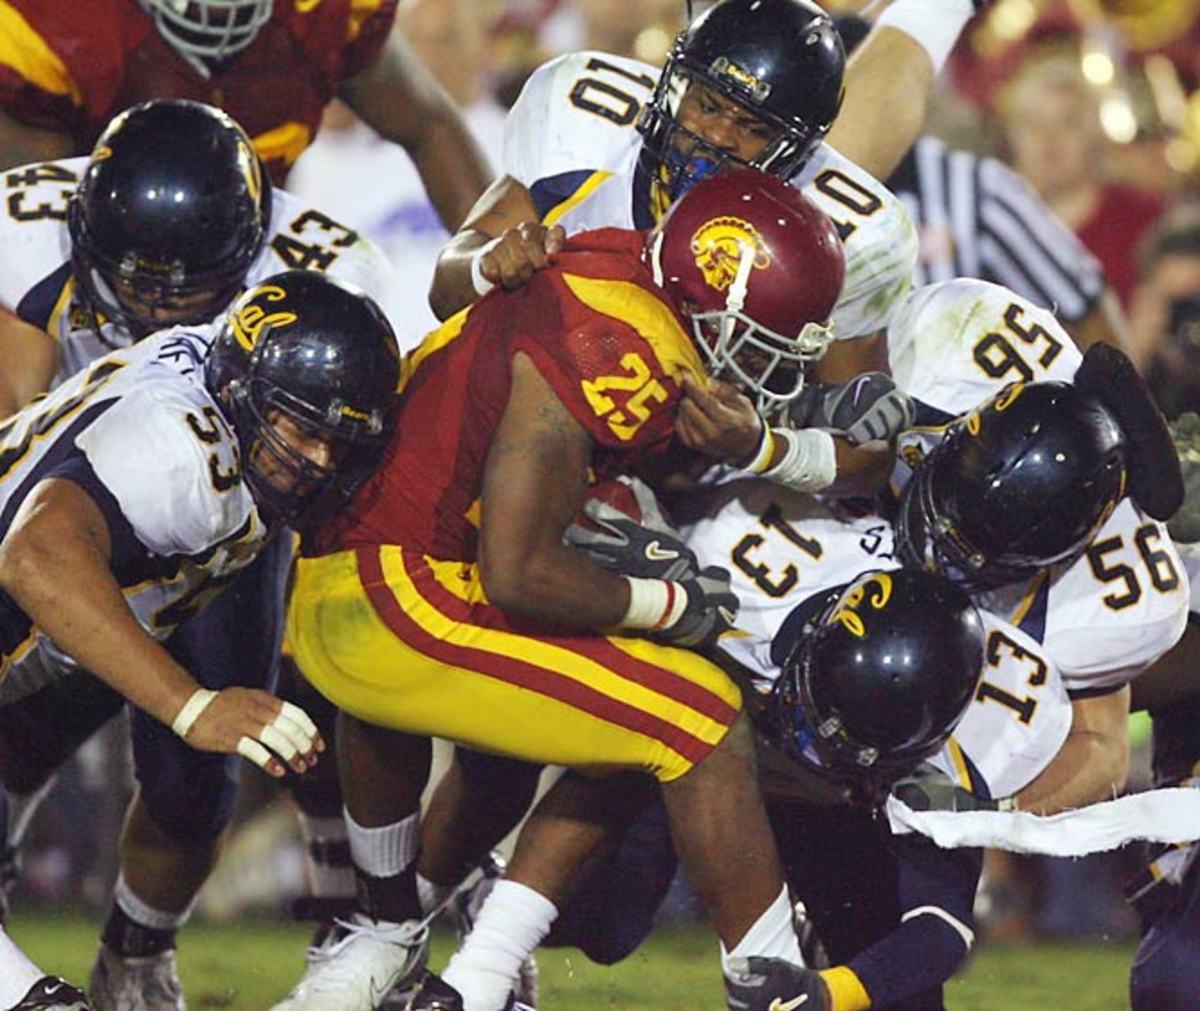 USC at Cal